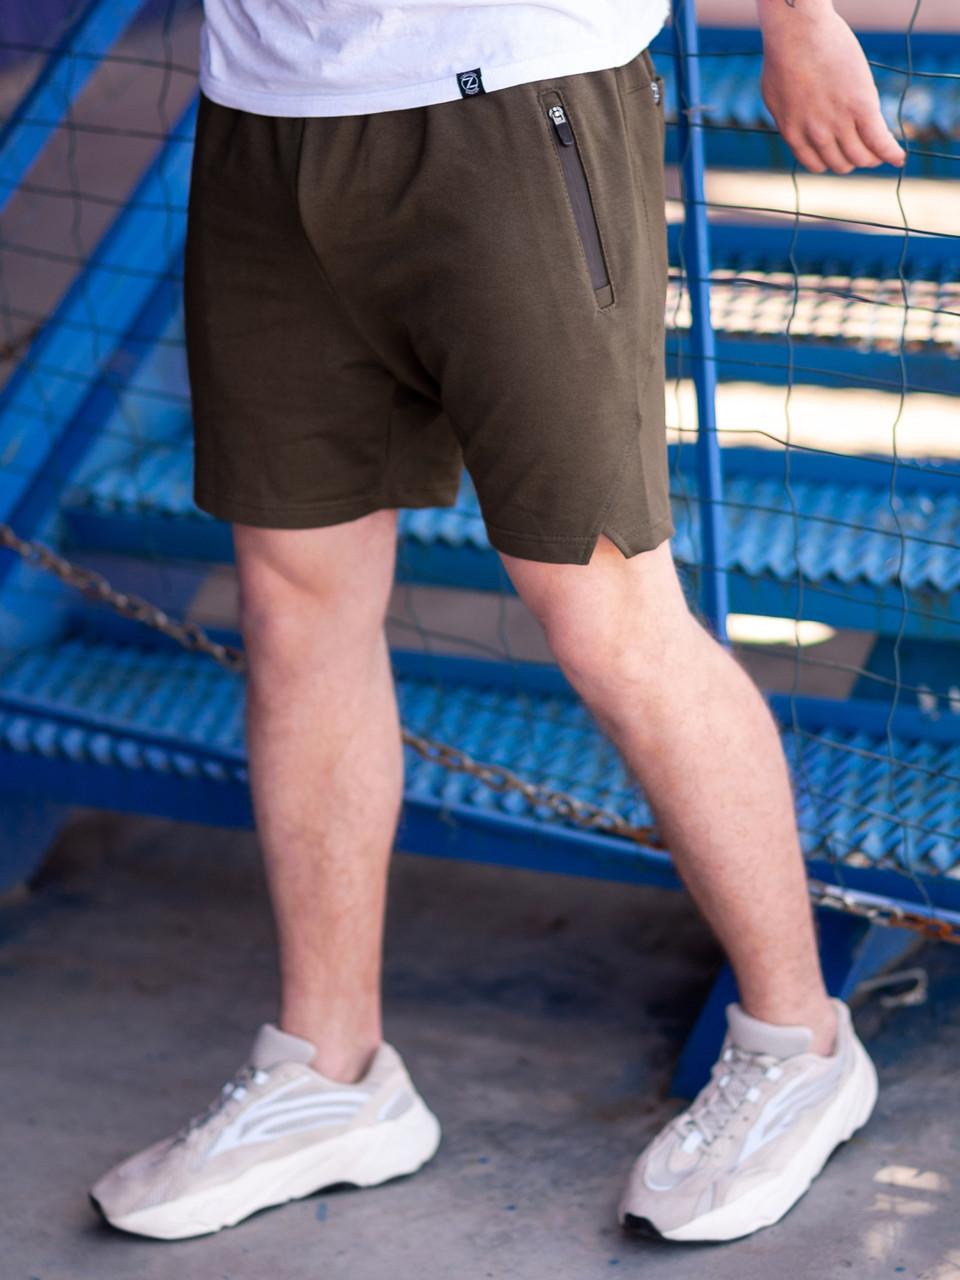 ec8bcb4d7e072 Мужские спортивные шорты Bezet - Tech khaki '19: заказ, цены в ...